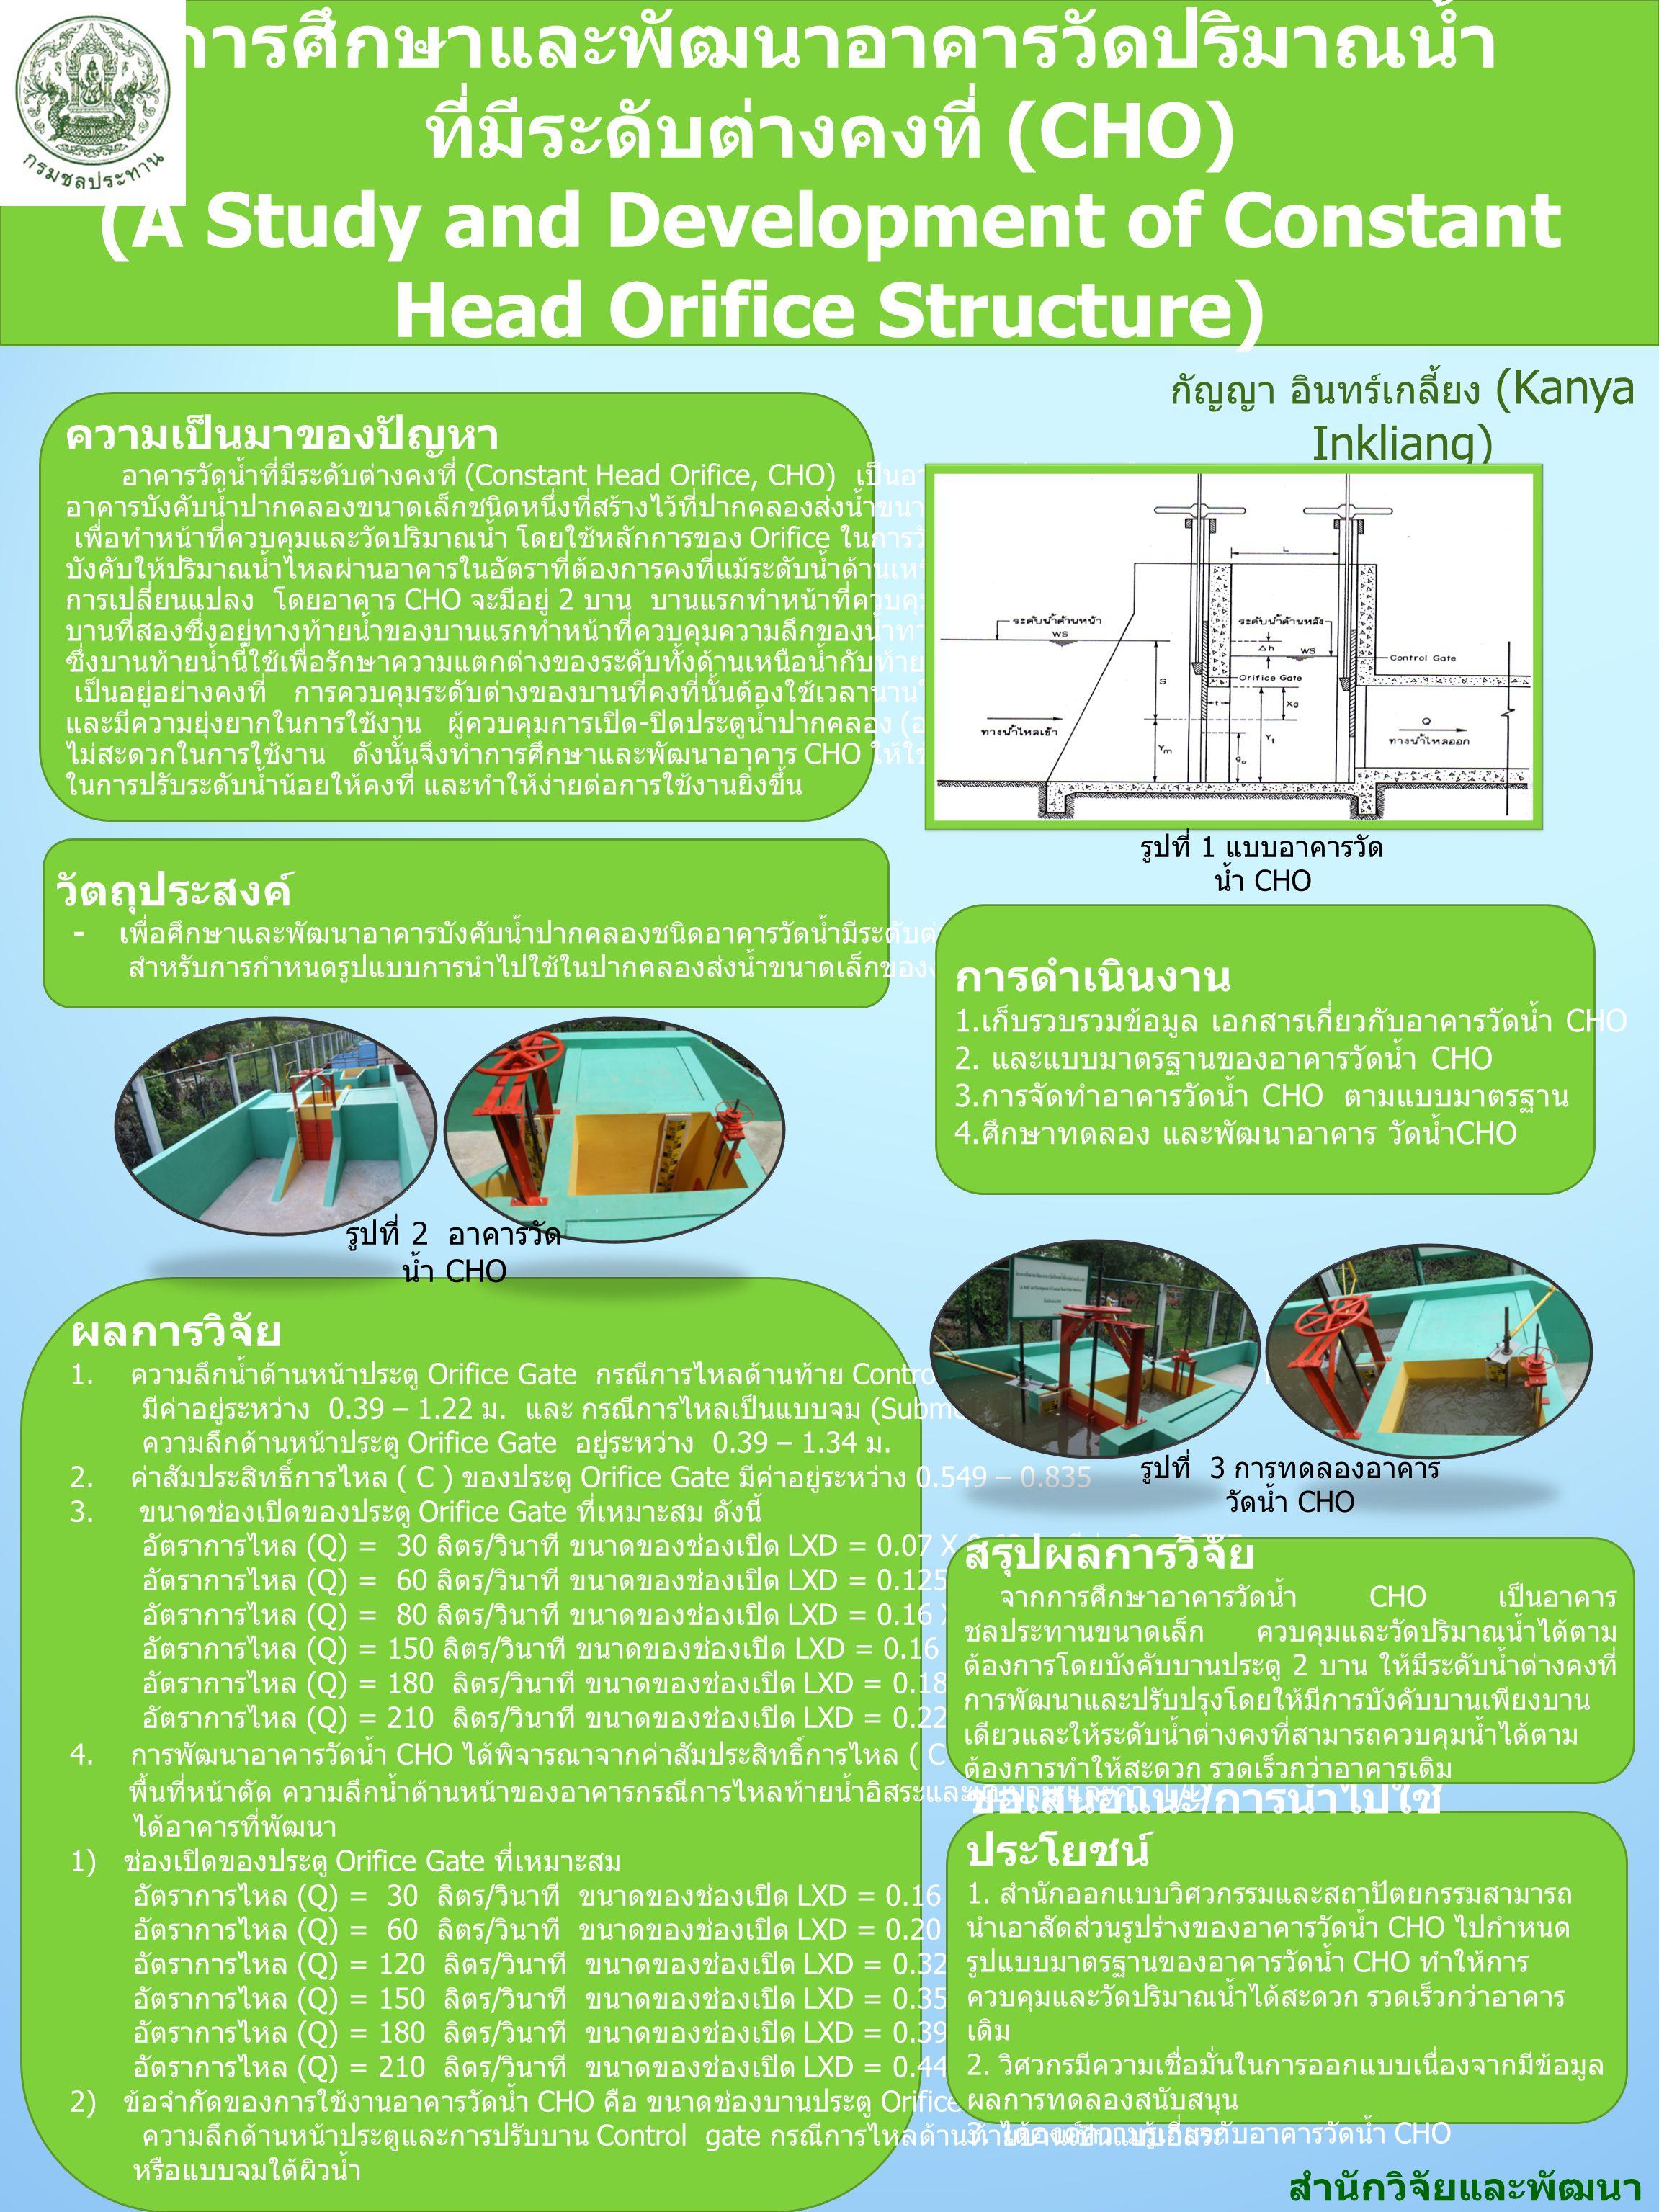 การศึกษาและพัฒนาอาคารวัดปริมาณน้ำ ที่มีระดับต่างคงที่ (CHO) (A Study and Development of Constant Head Orifice Structure) กัญญา อินทร์เกลี้ยง (Kanya In